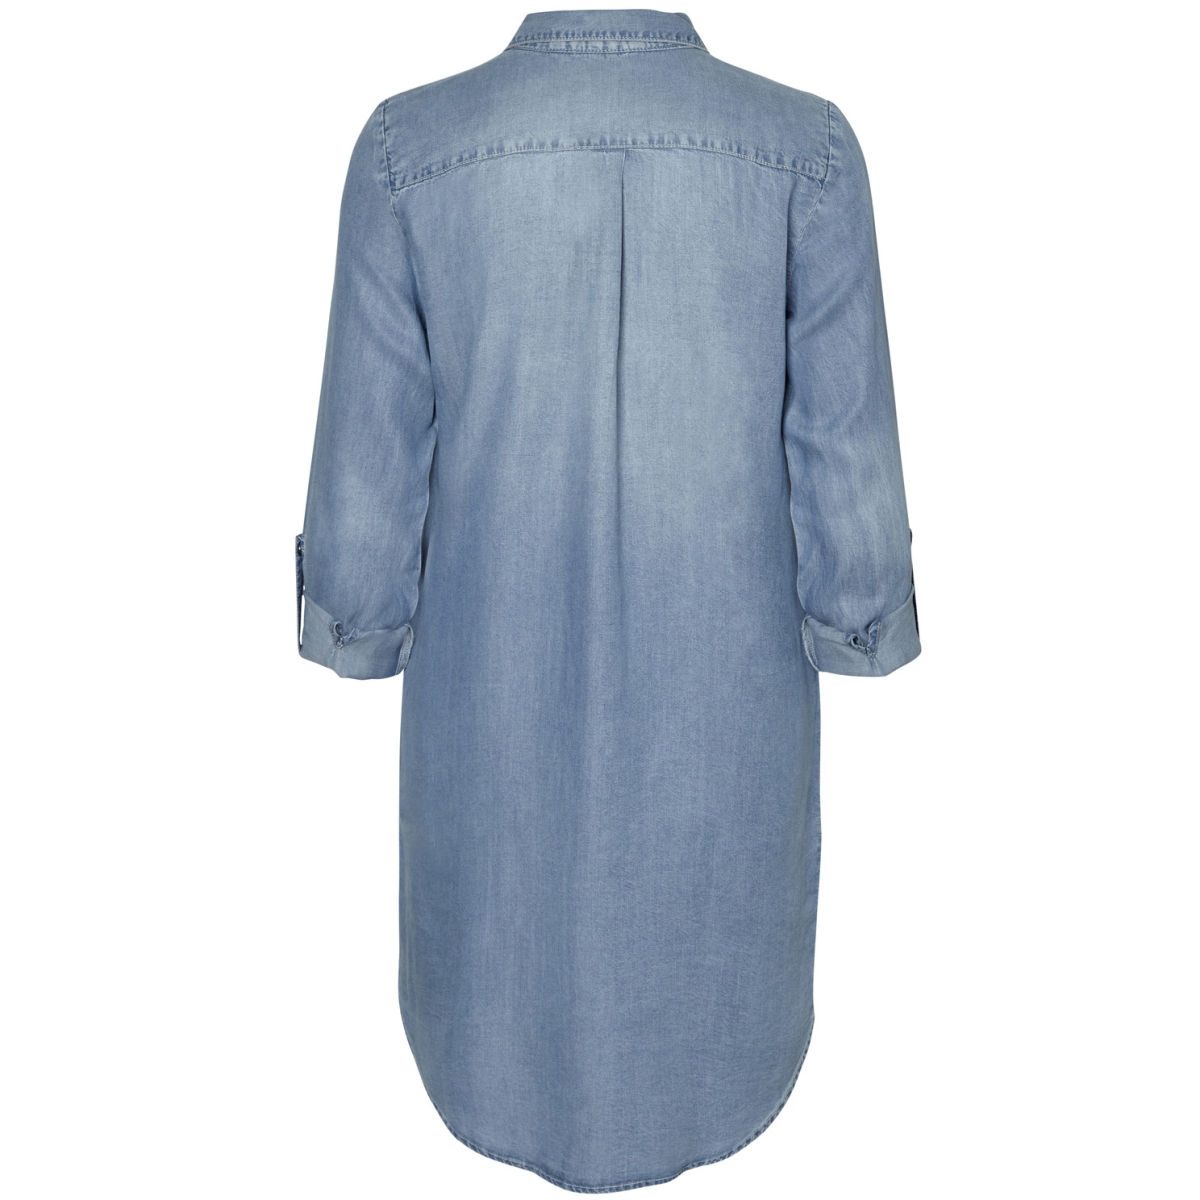 vmsilla ls short dress lt bl ga noos 10184172 vero moda jurk light blue denim